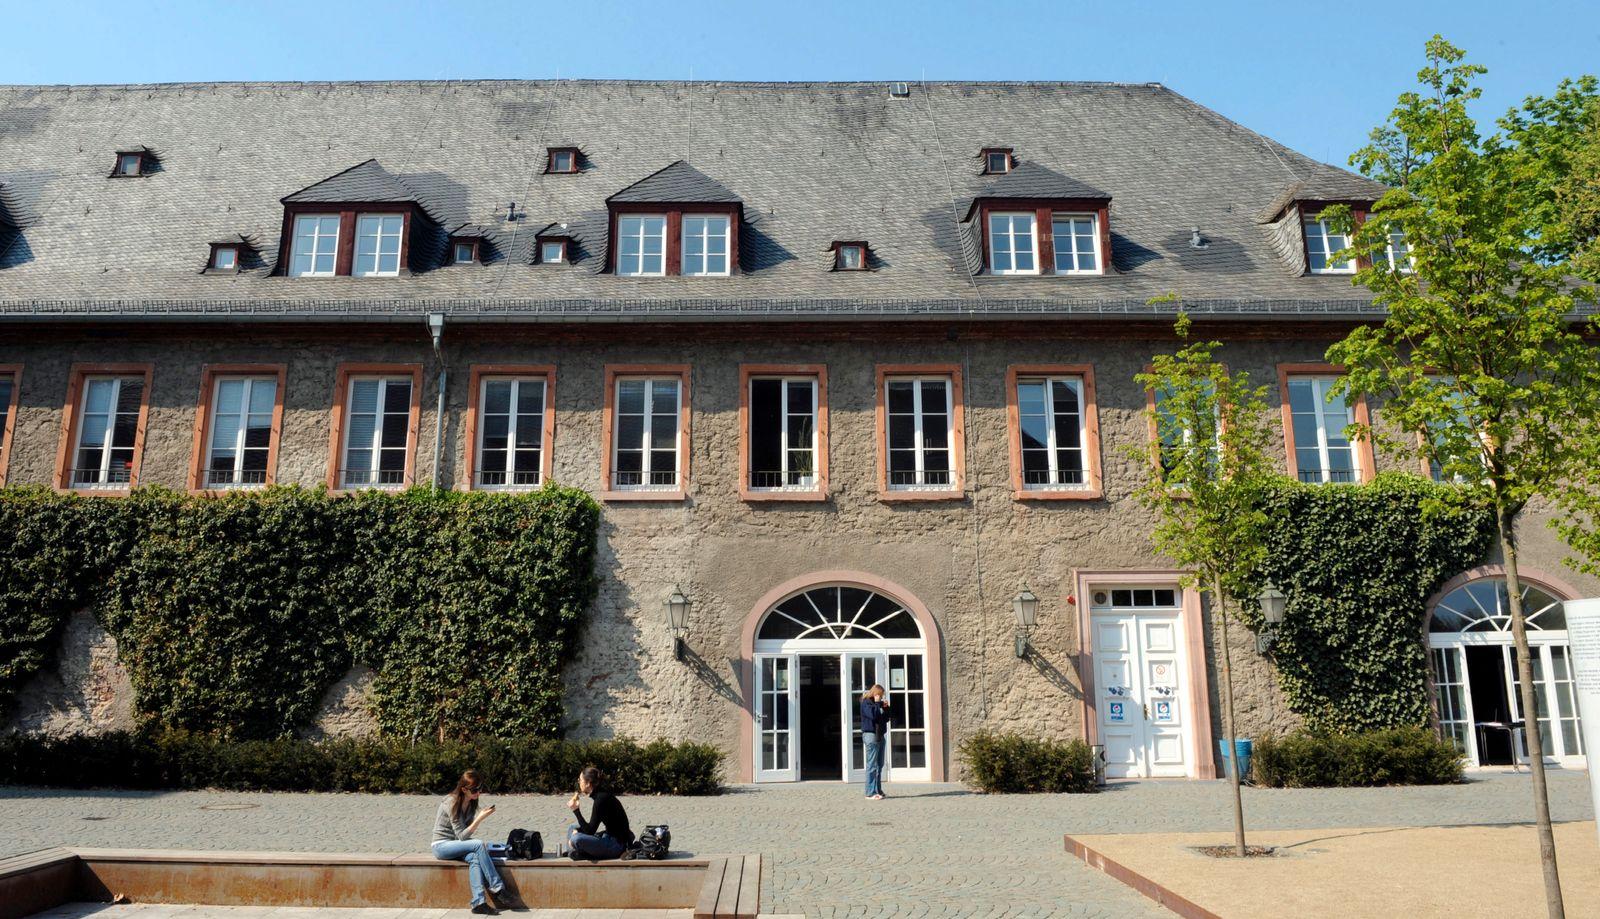 NICHT VERWENDEN EBS / EUROPEAN BUSINESS SCHOOL